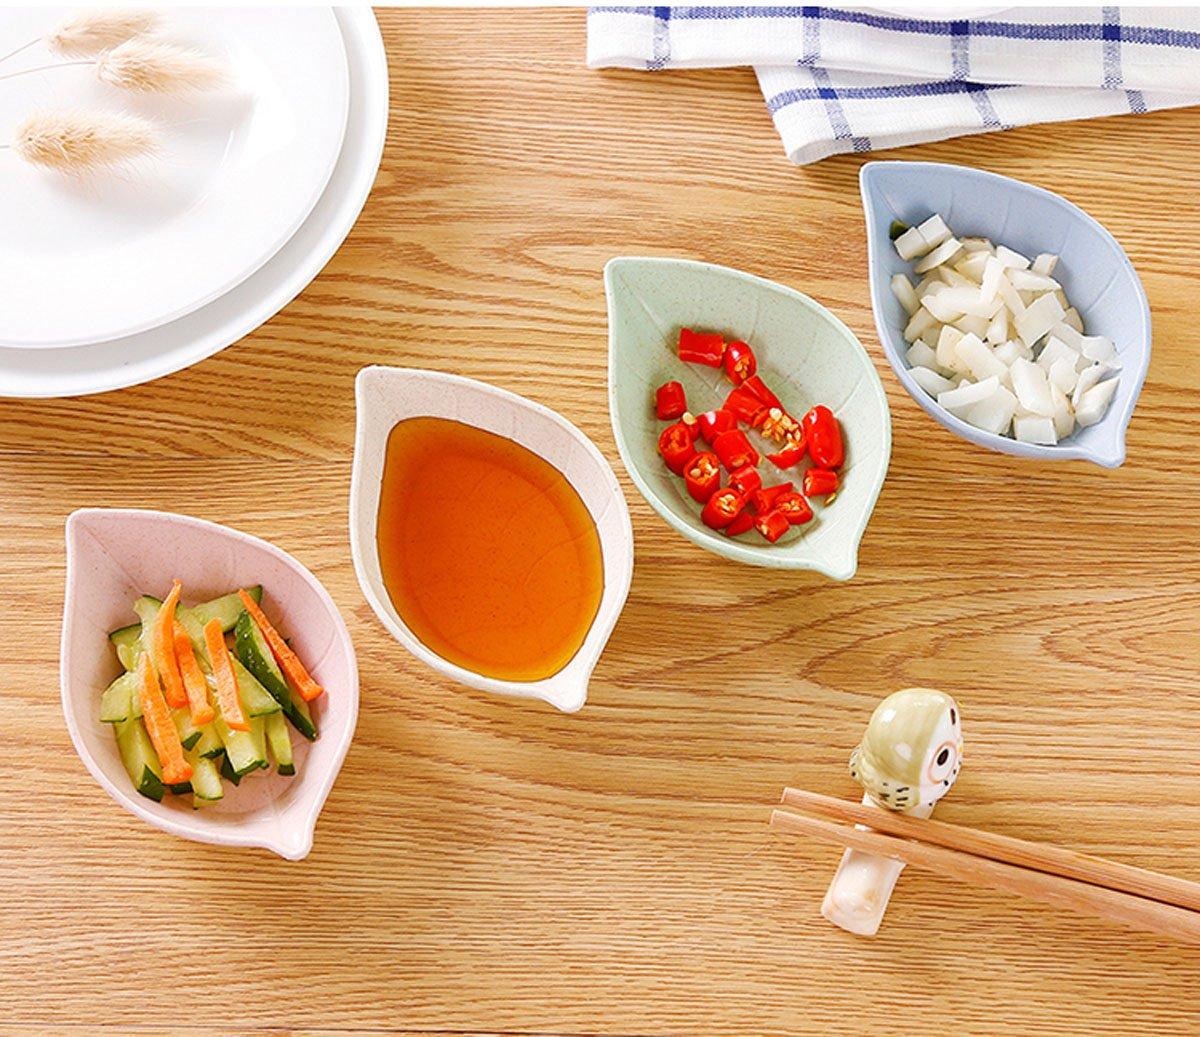 Condimento Plato - Vajilla para aperitivos plato japonés vinagre especias ensalada Salsa de soja Wasabi Sushi cuencos, Servicio para 4: Amazon.es: Hogar